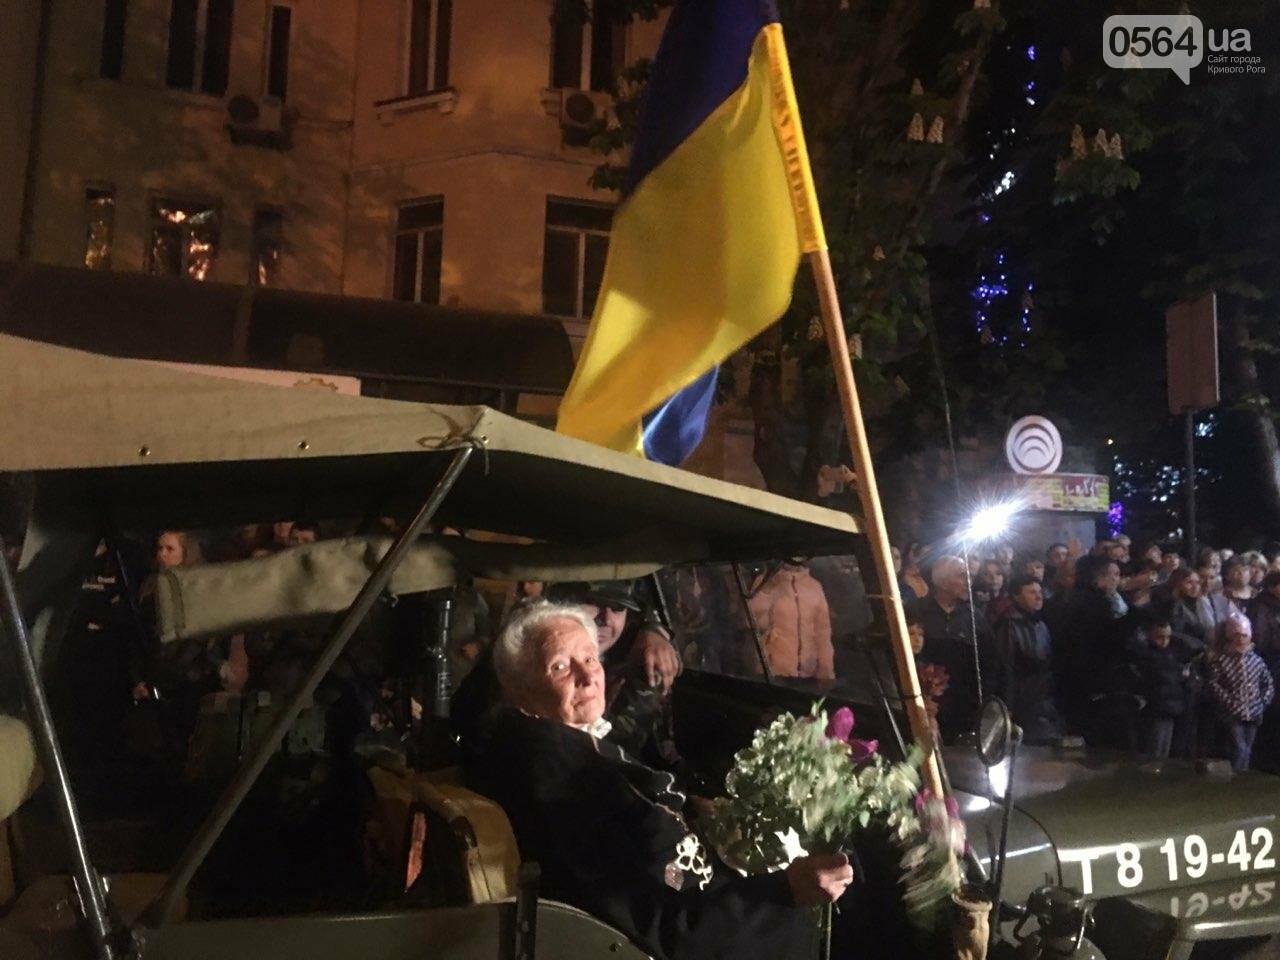 В Кривом Роге затемно начали отмечать День победы над нацизмом во Второй мировой войне, - ФОТО, ВИДЕО, фото-10